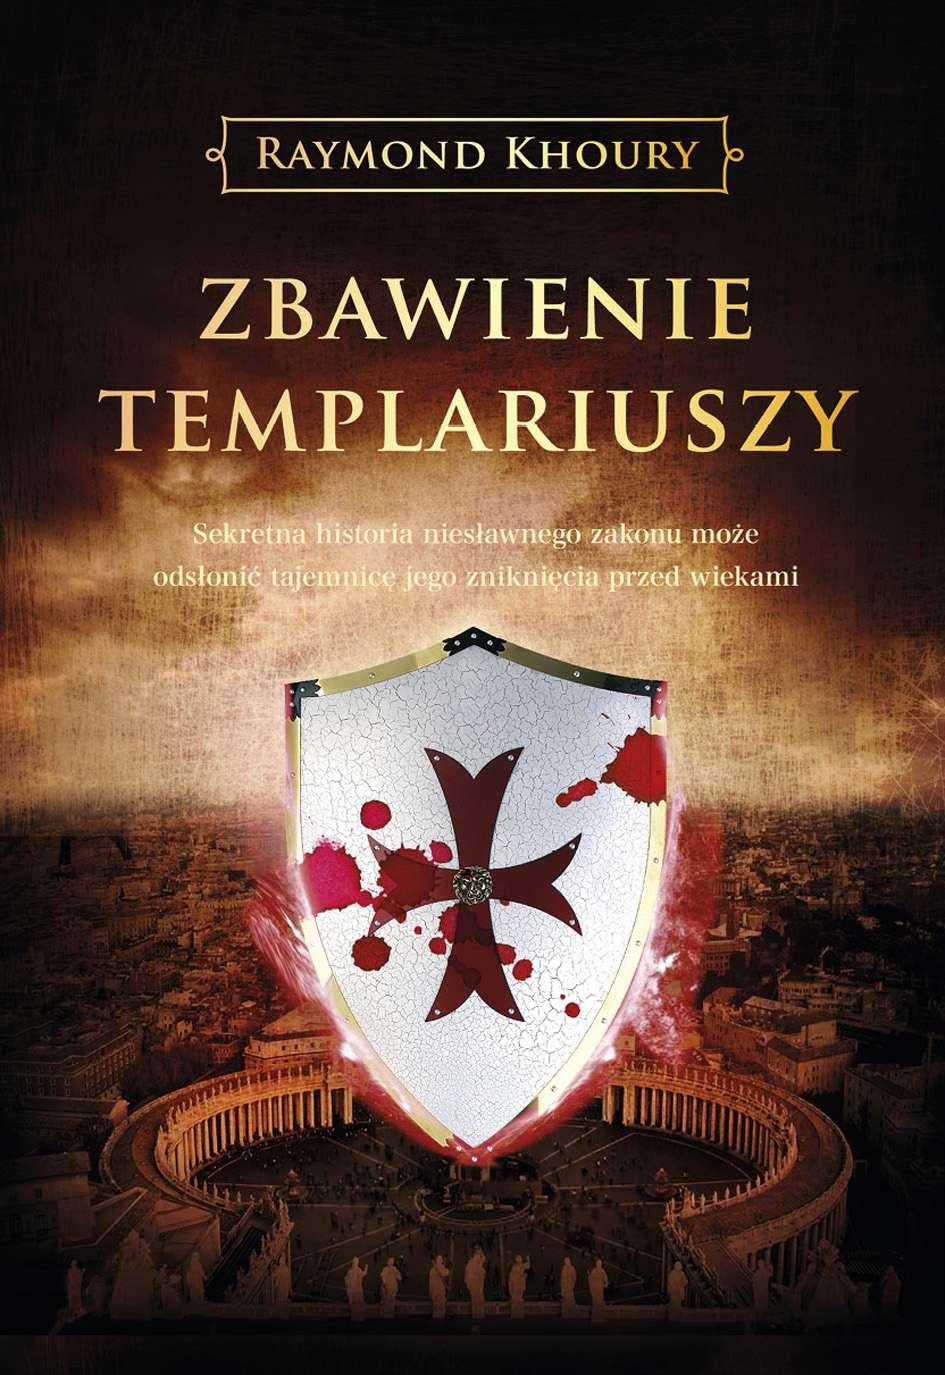 Zbawienie templariuszy - Ebook (Książka na Kindle) do pobrania w formacie MOBI